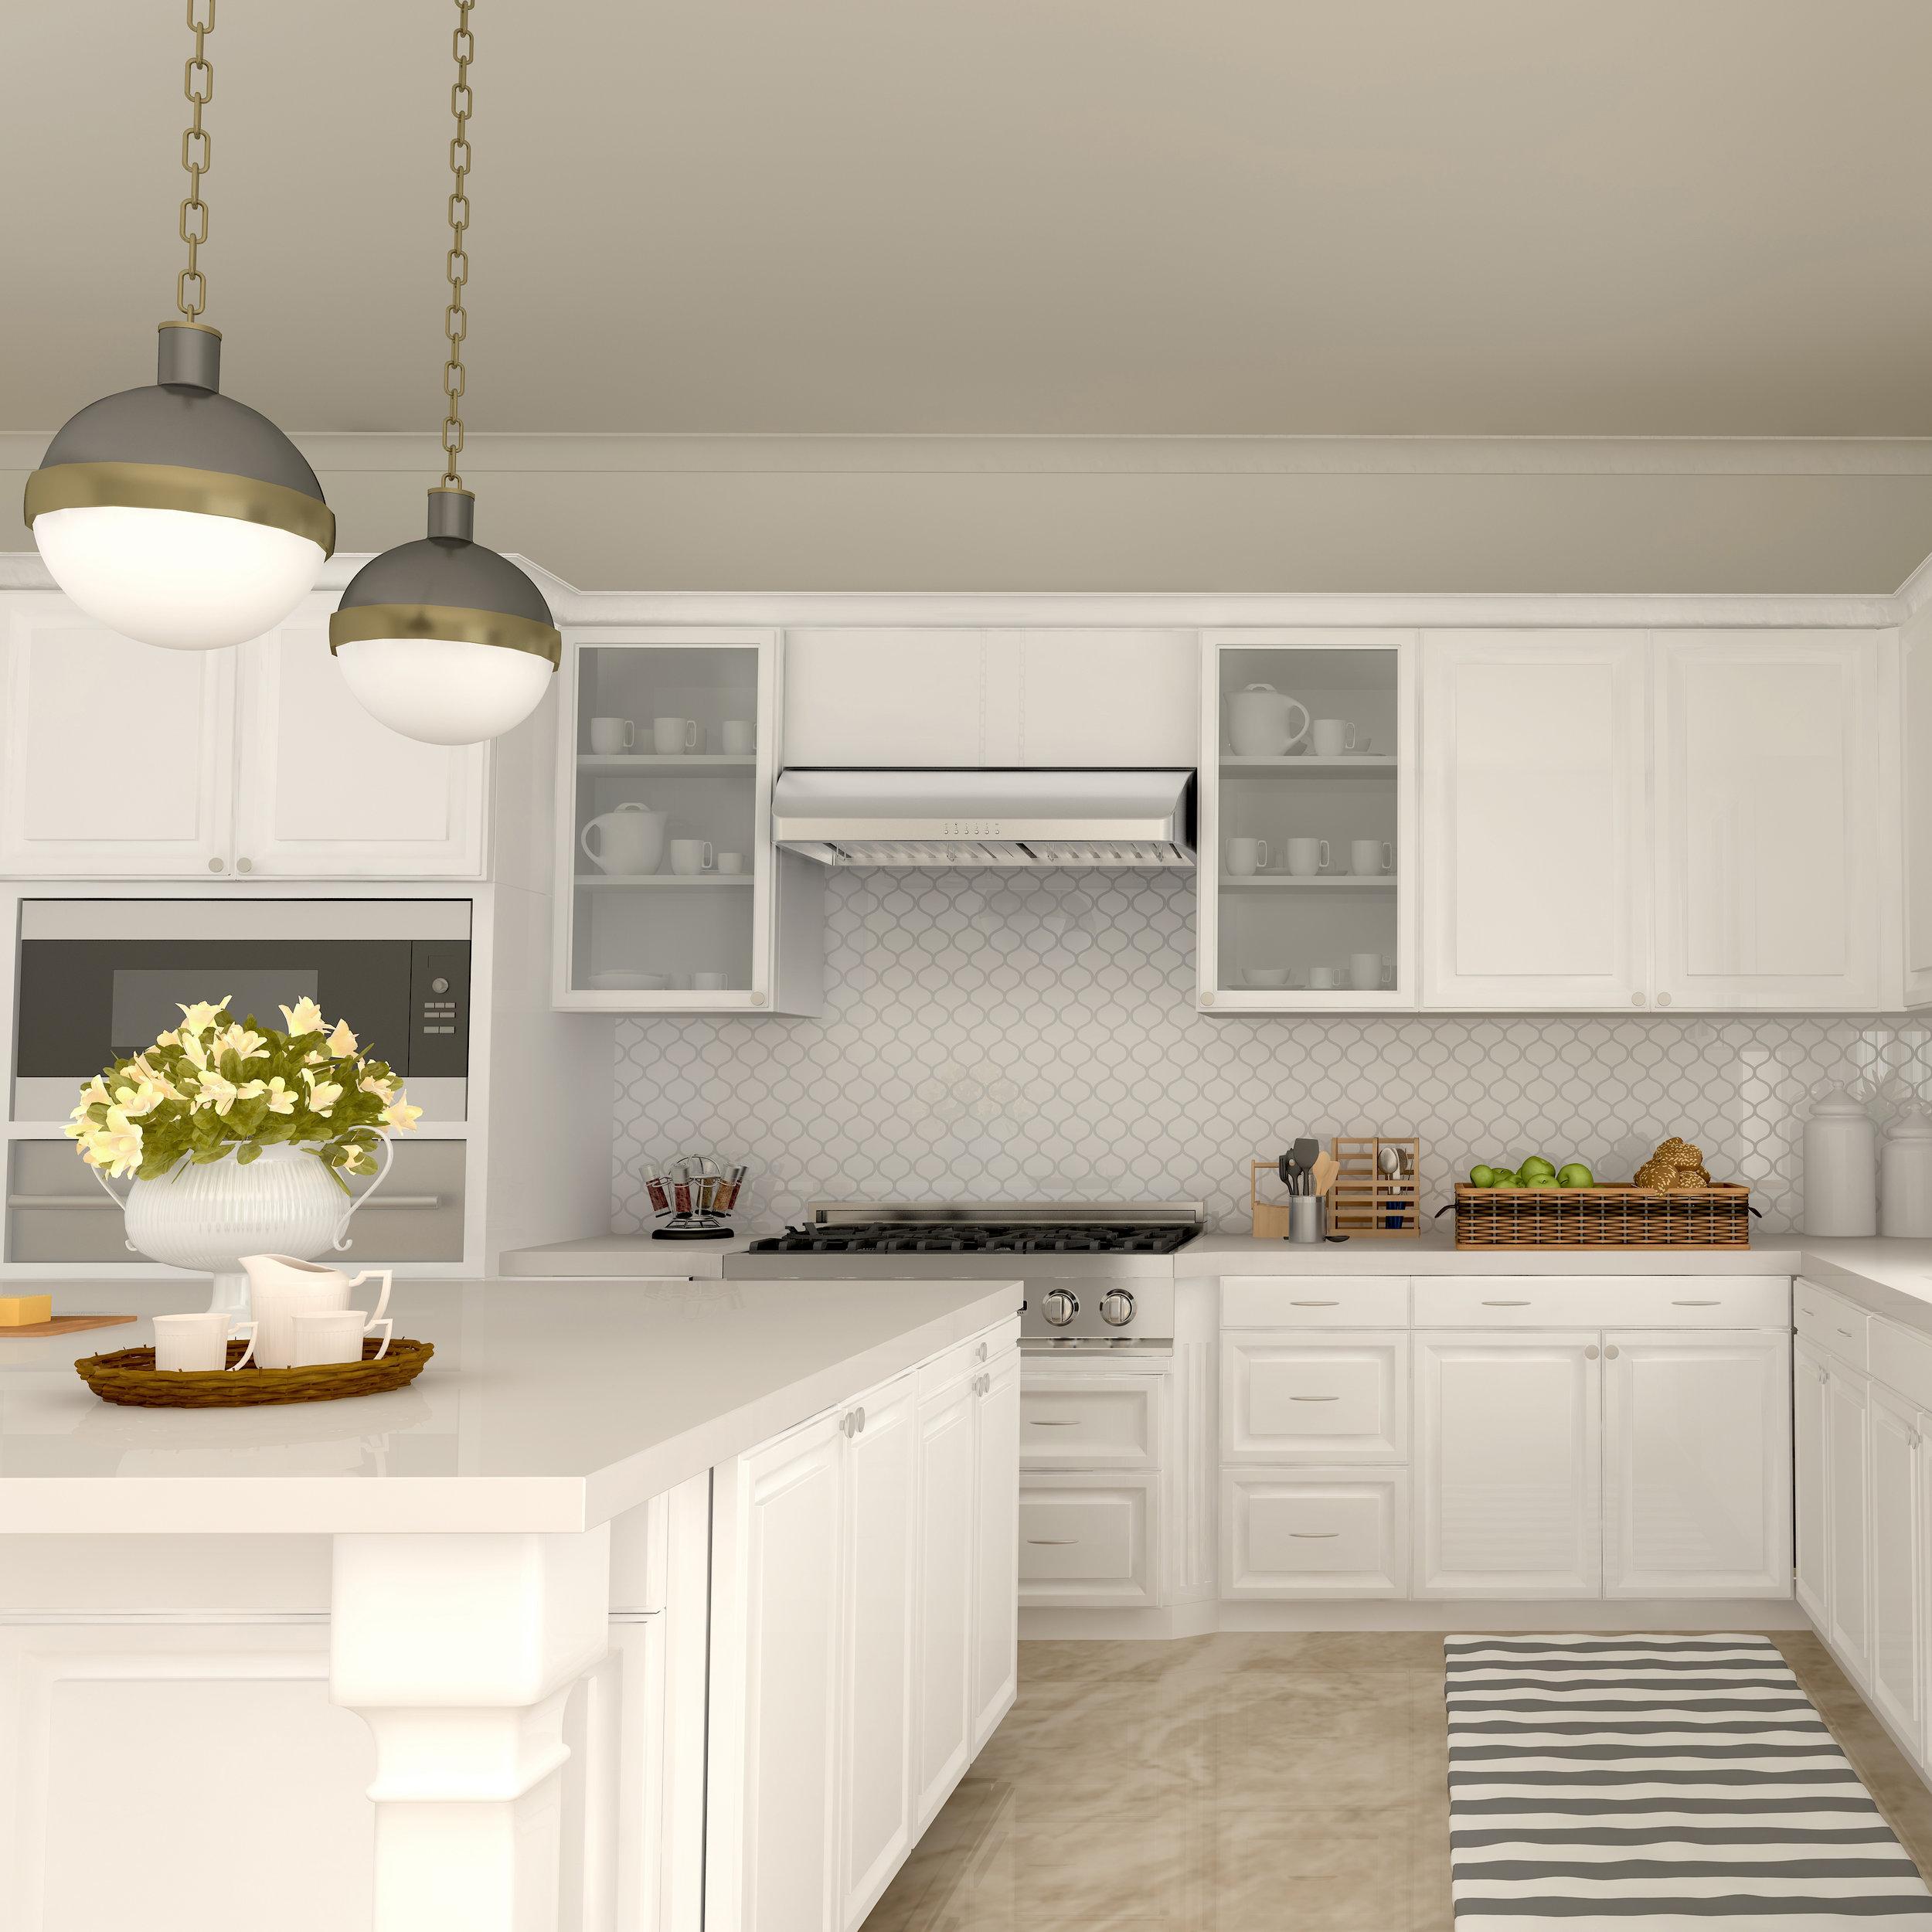 zline-stainless-steel-under-cabinet-range-hood-625-kitchen-updated.jpg